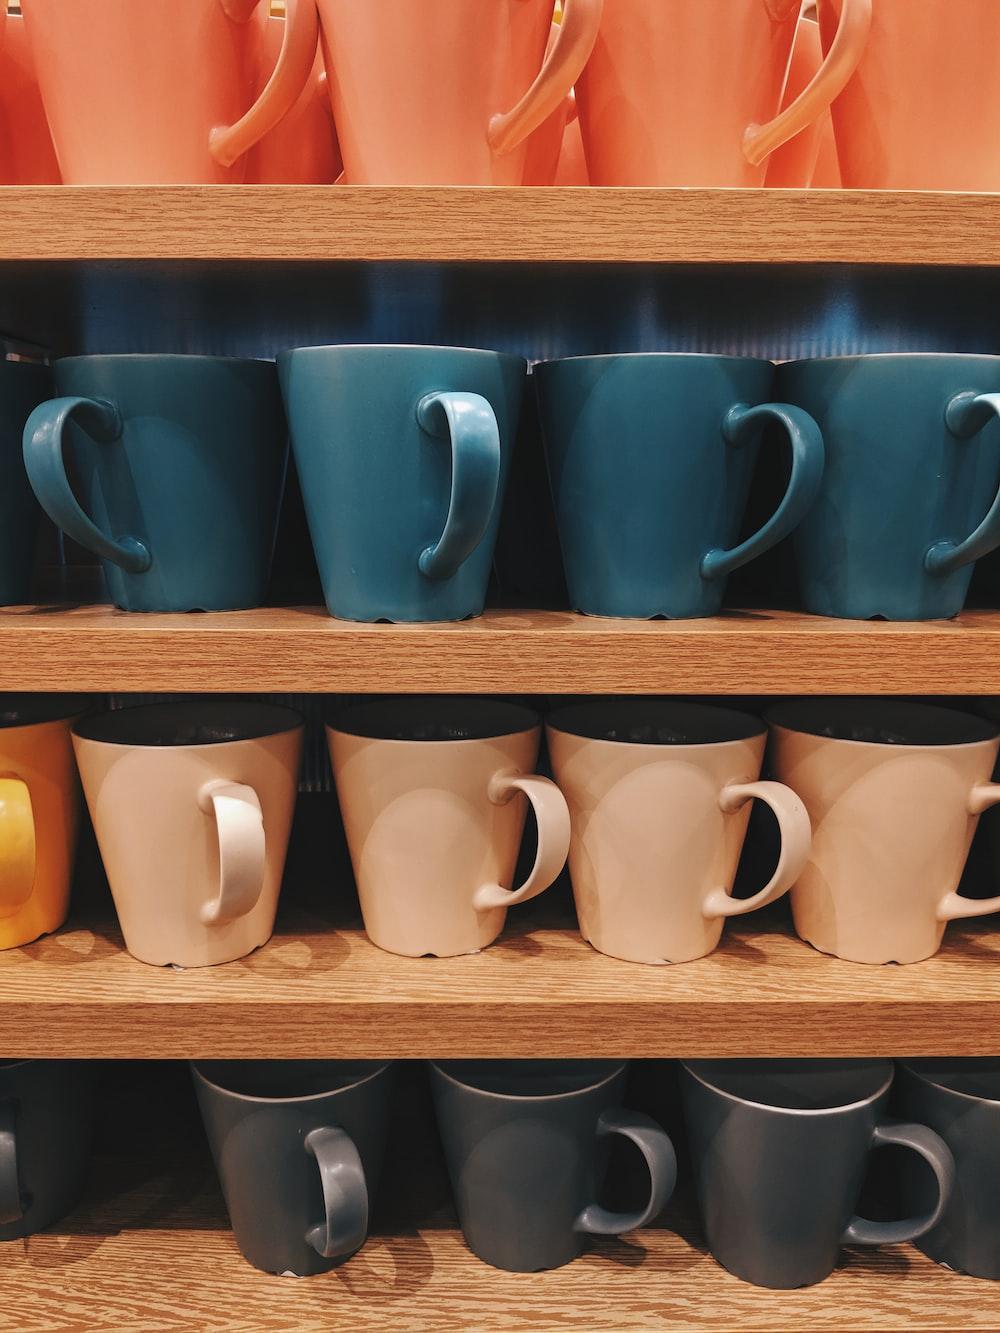 assorted-color ceramic mug lot on shelf